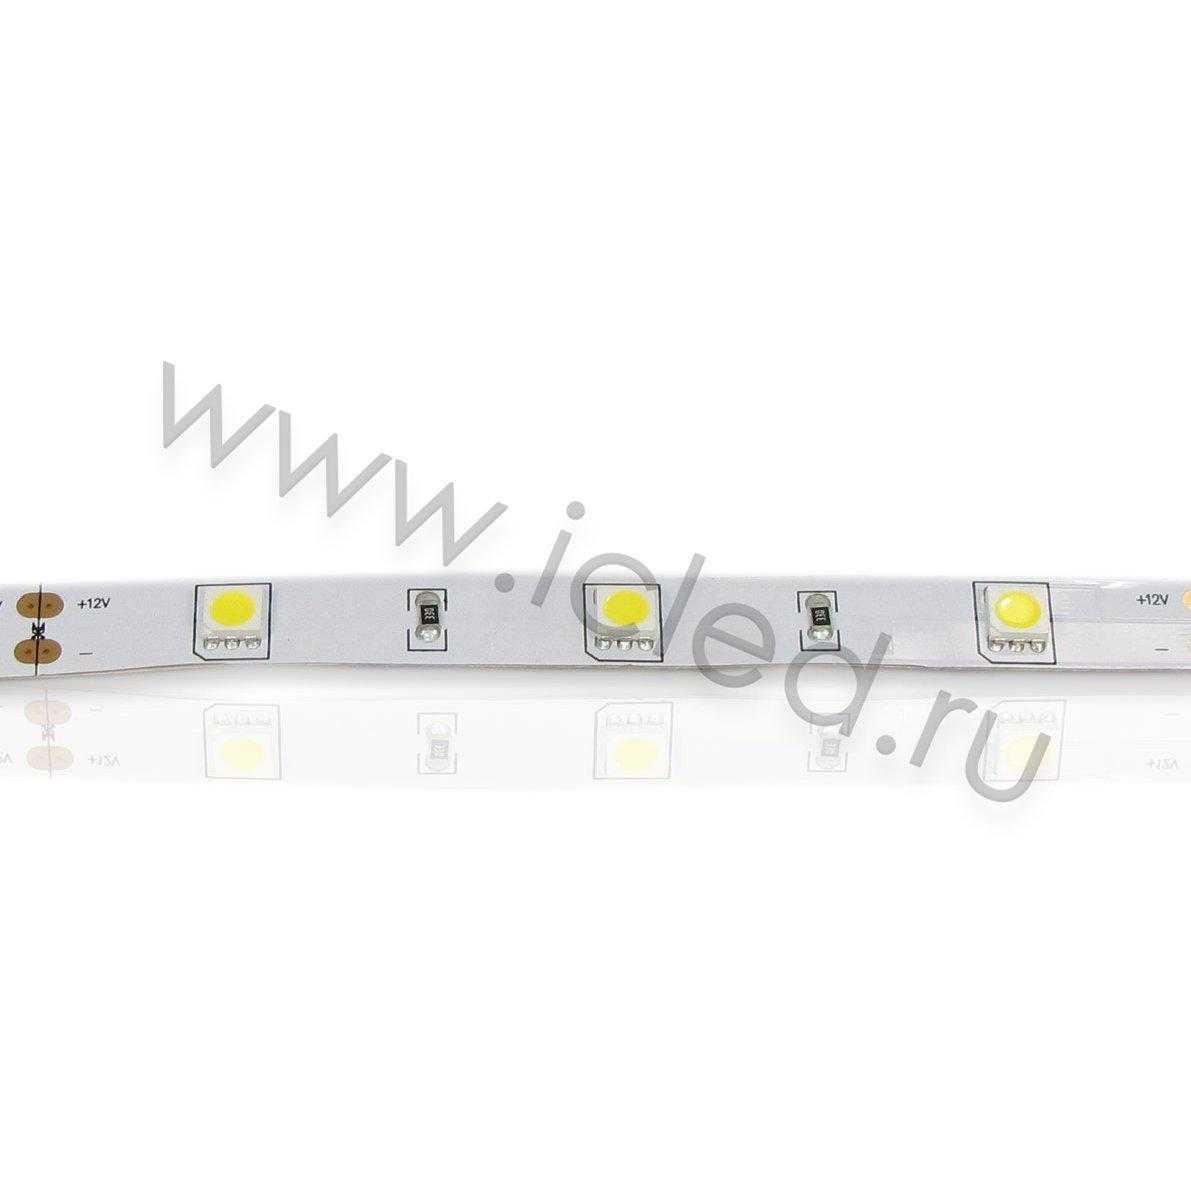 Светодиодная лента Class B, 5050, 30 led/m, Warm White, 12V, IP33